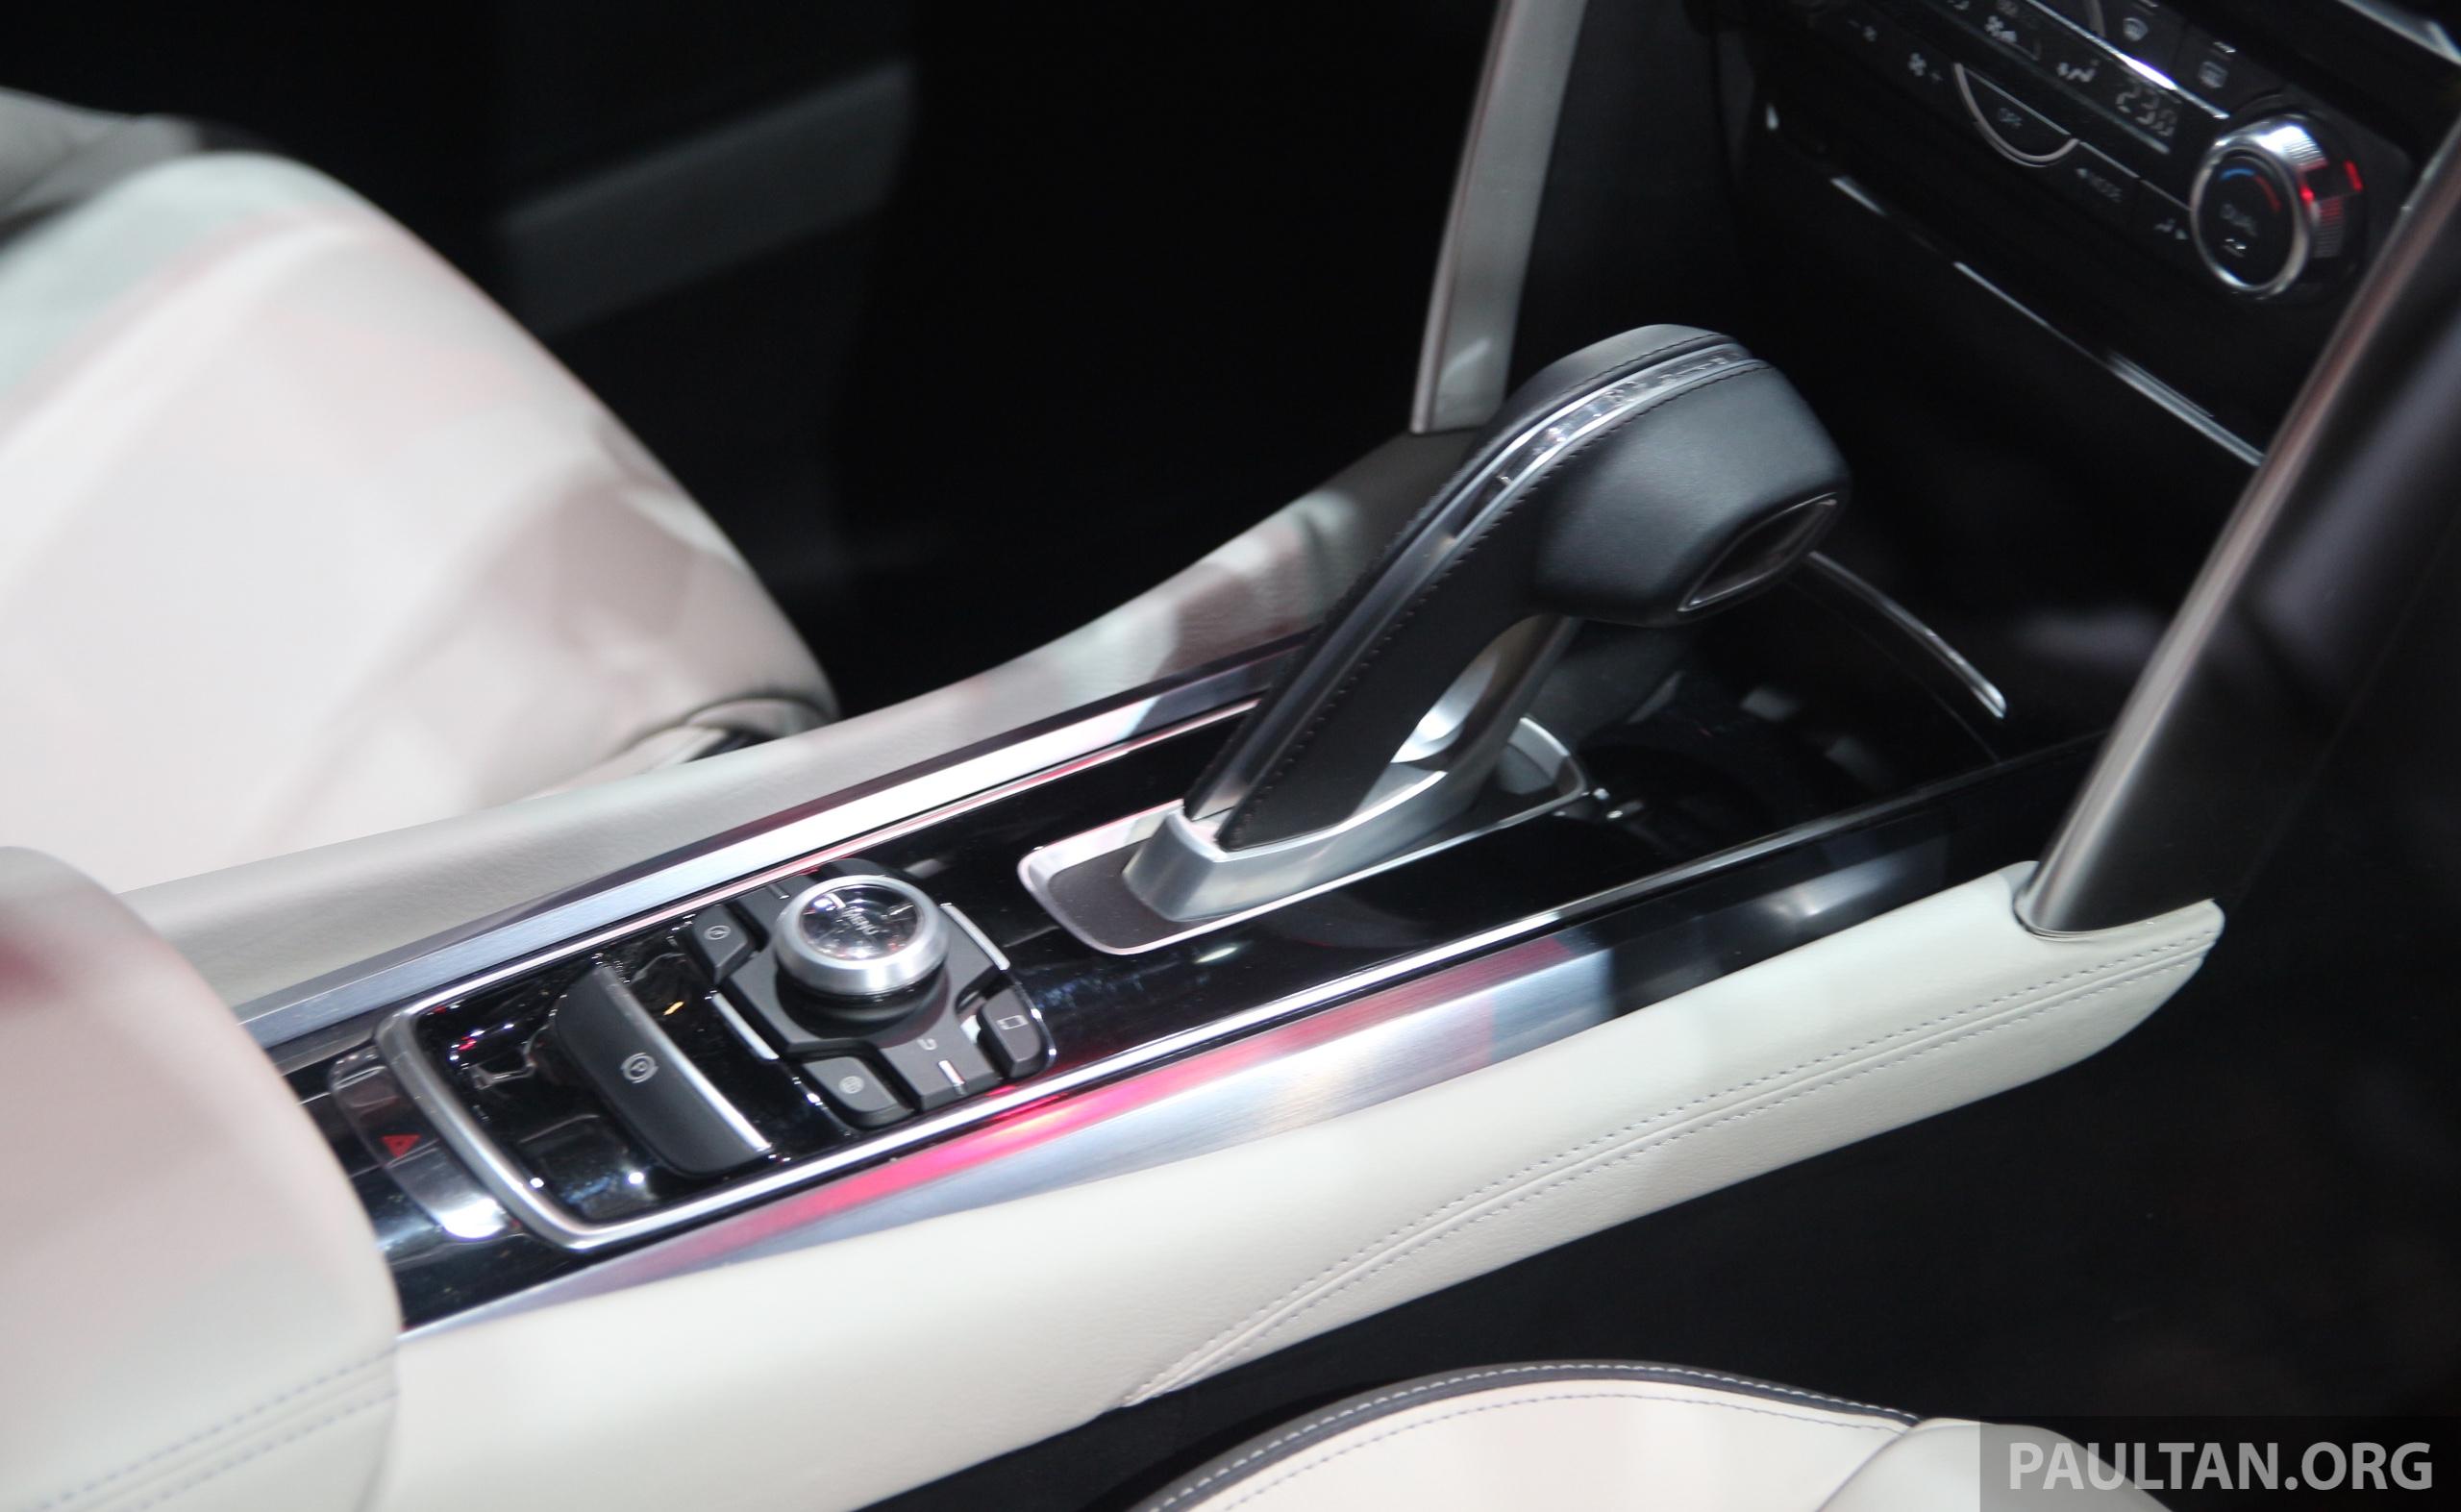 https://s1.paultan.org/image/2015/09/Mazda-Koeru-Frankfurt-12.jpg